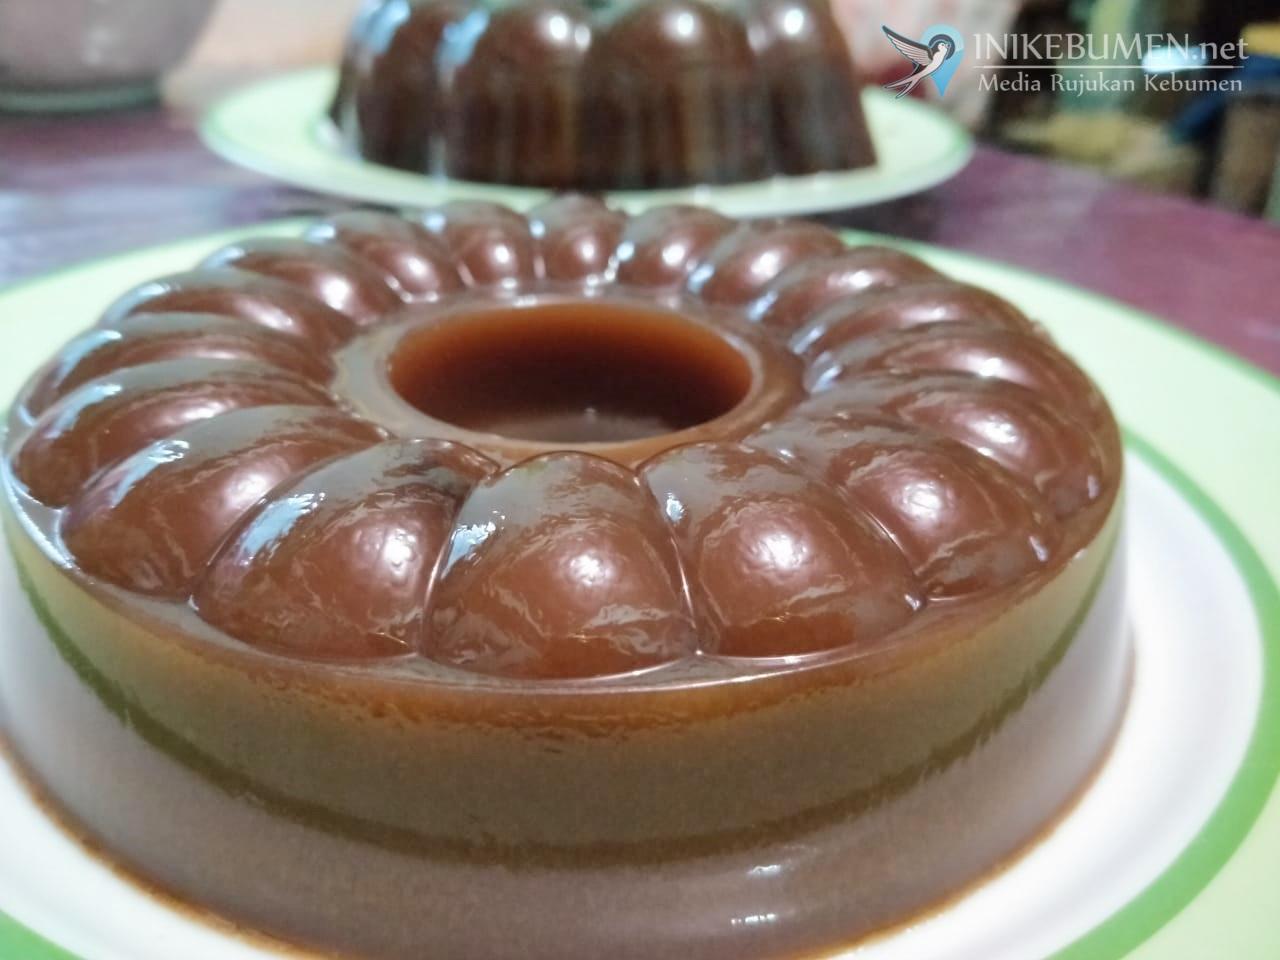 Puding Coklat Santan Klasik, Makanan Merakyat Kaya Manfaat